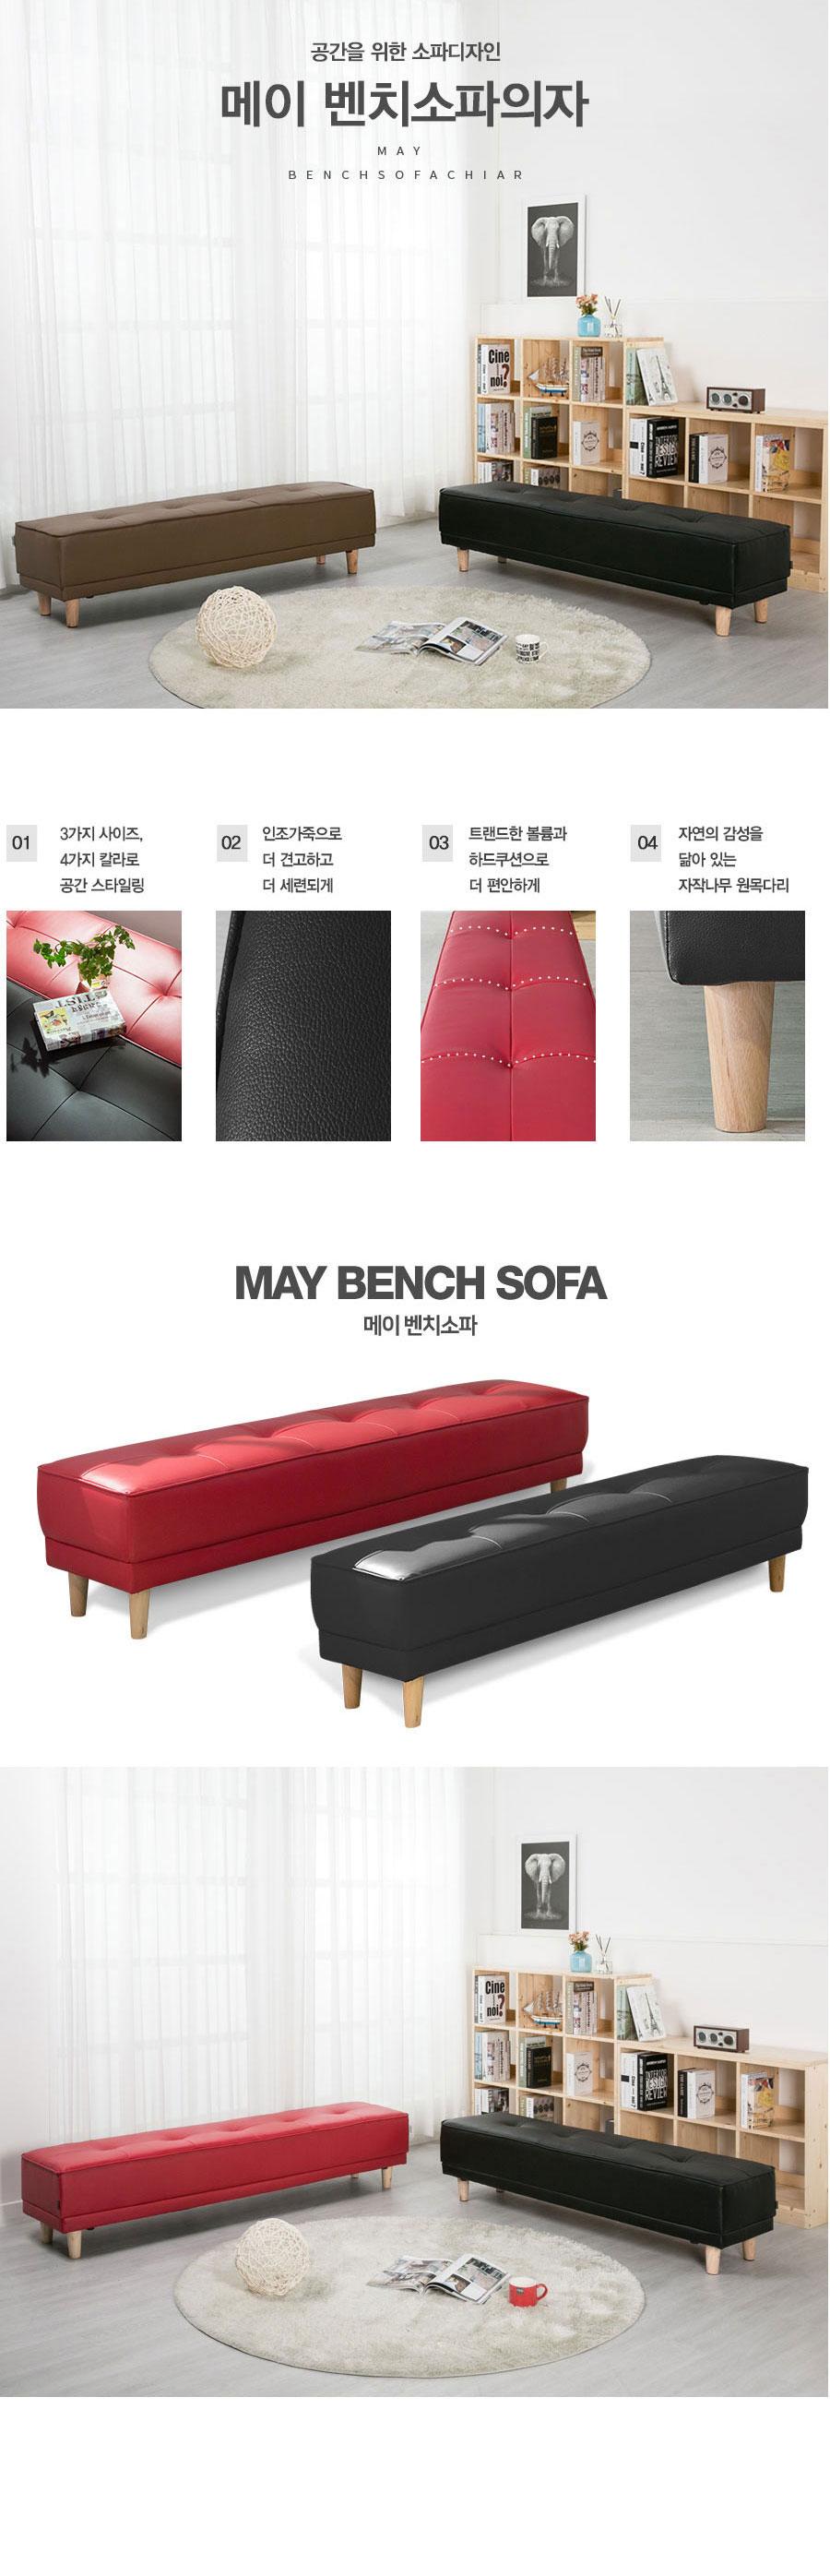 intro_may_sofa_2.jpg